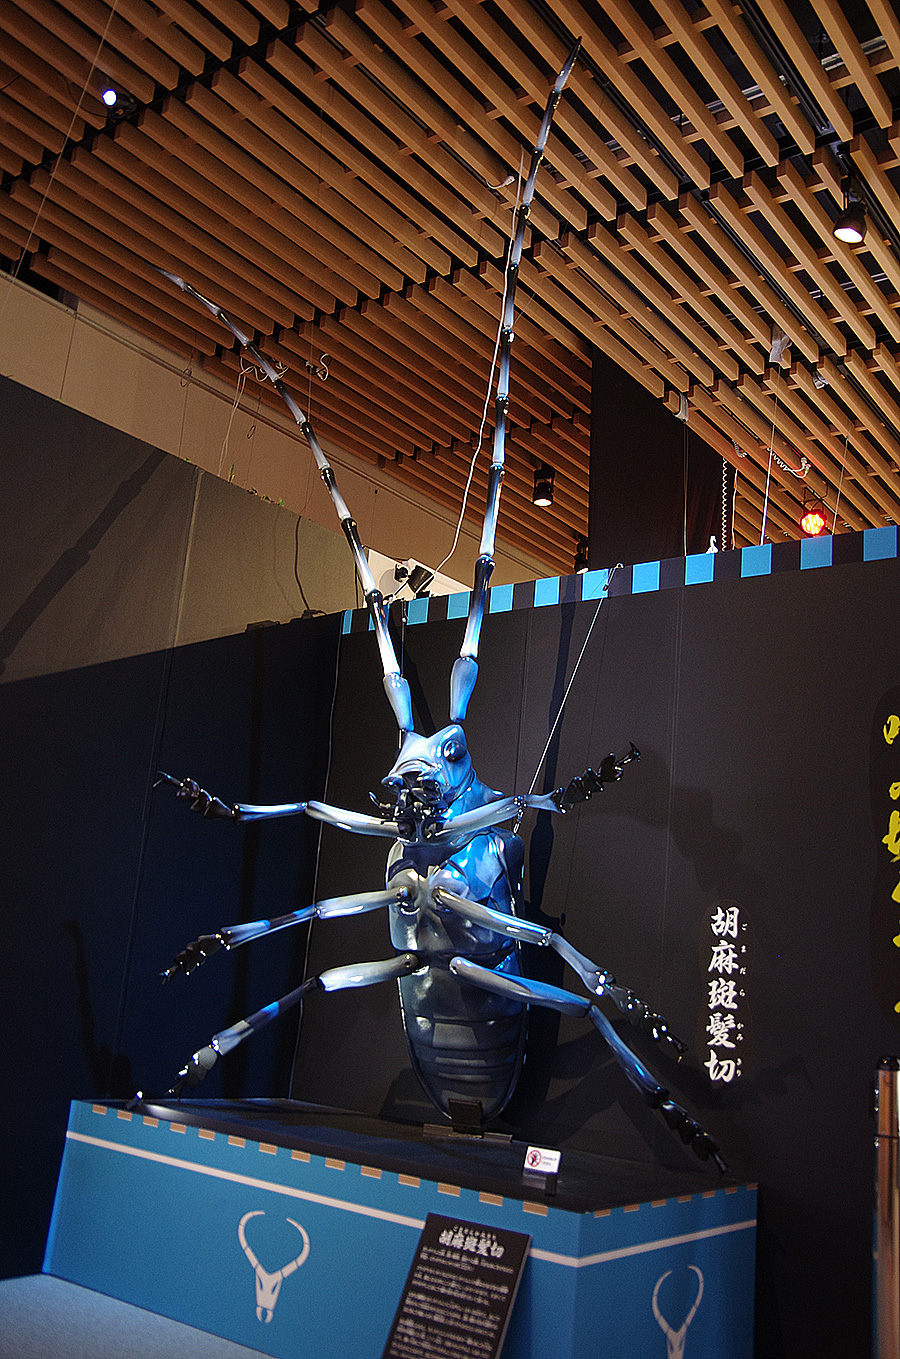 ゴマダラカミキリの巨大模型